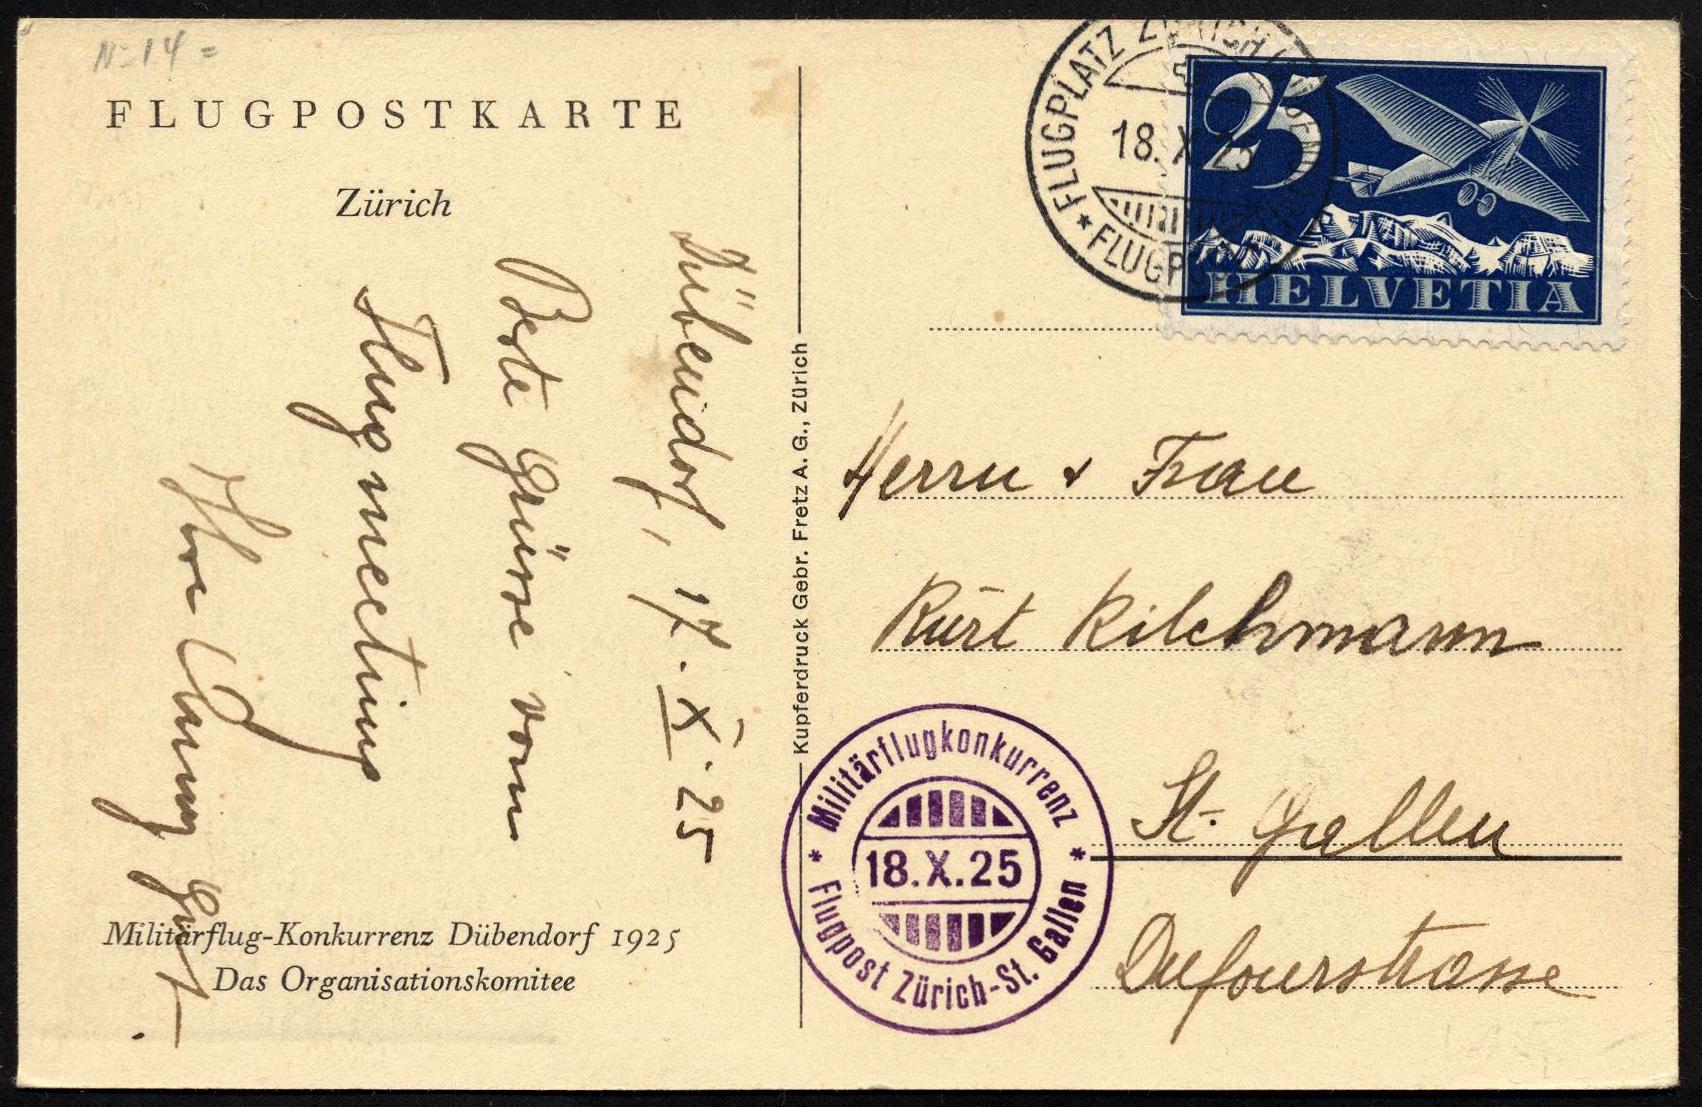 1925 Dubenndorf-St. Gallo